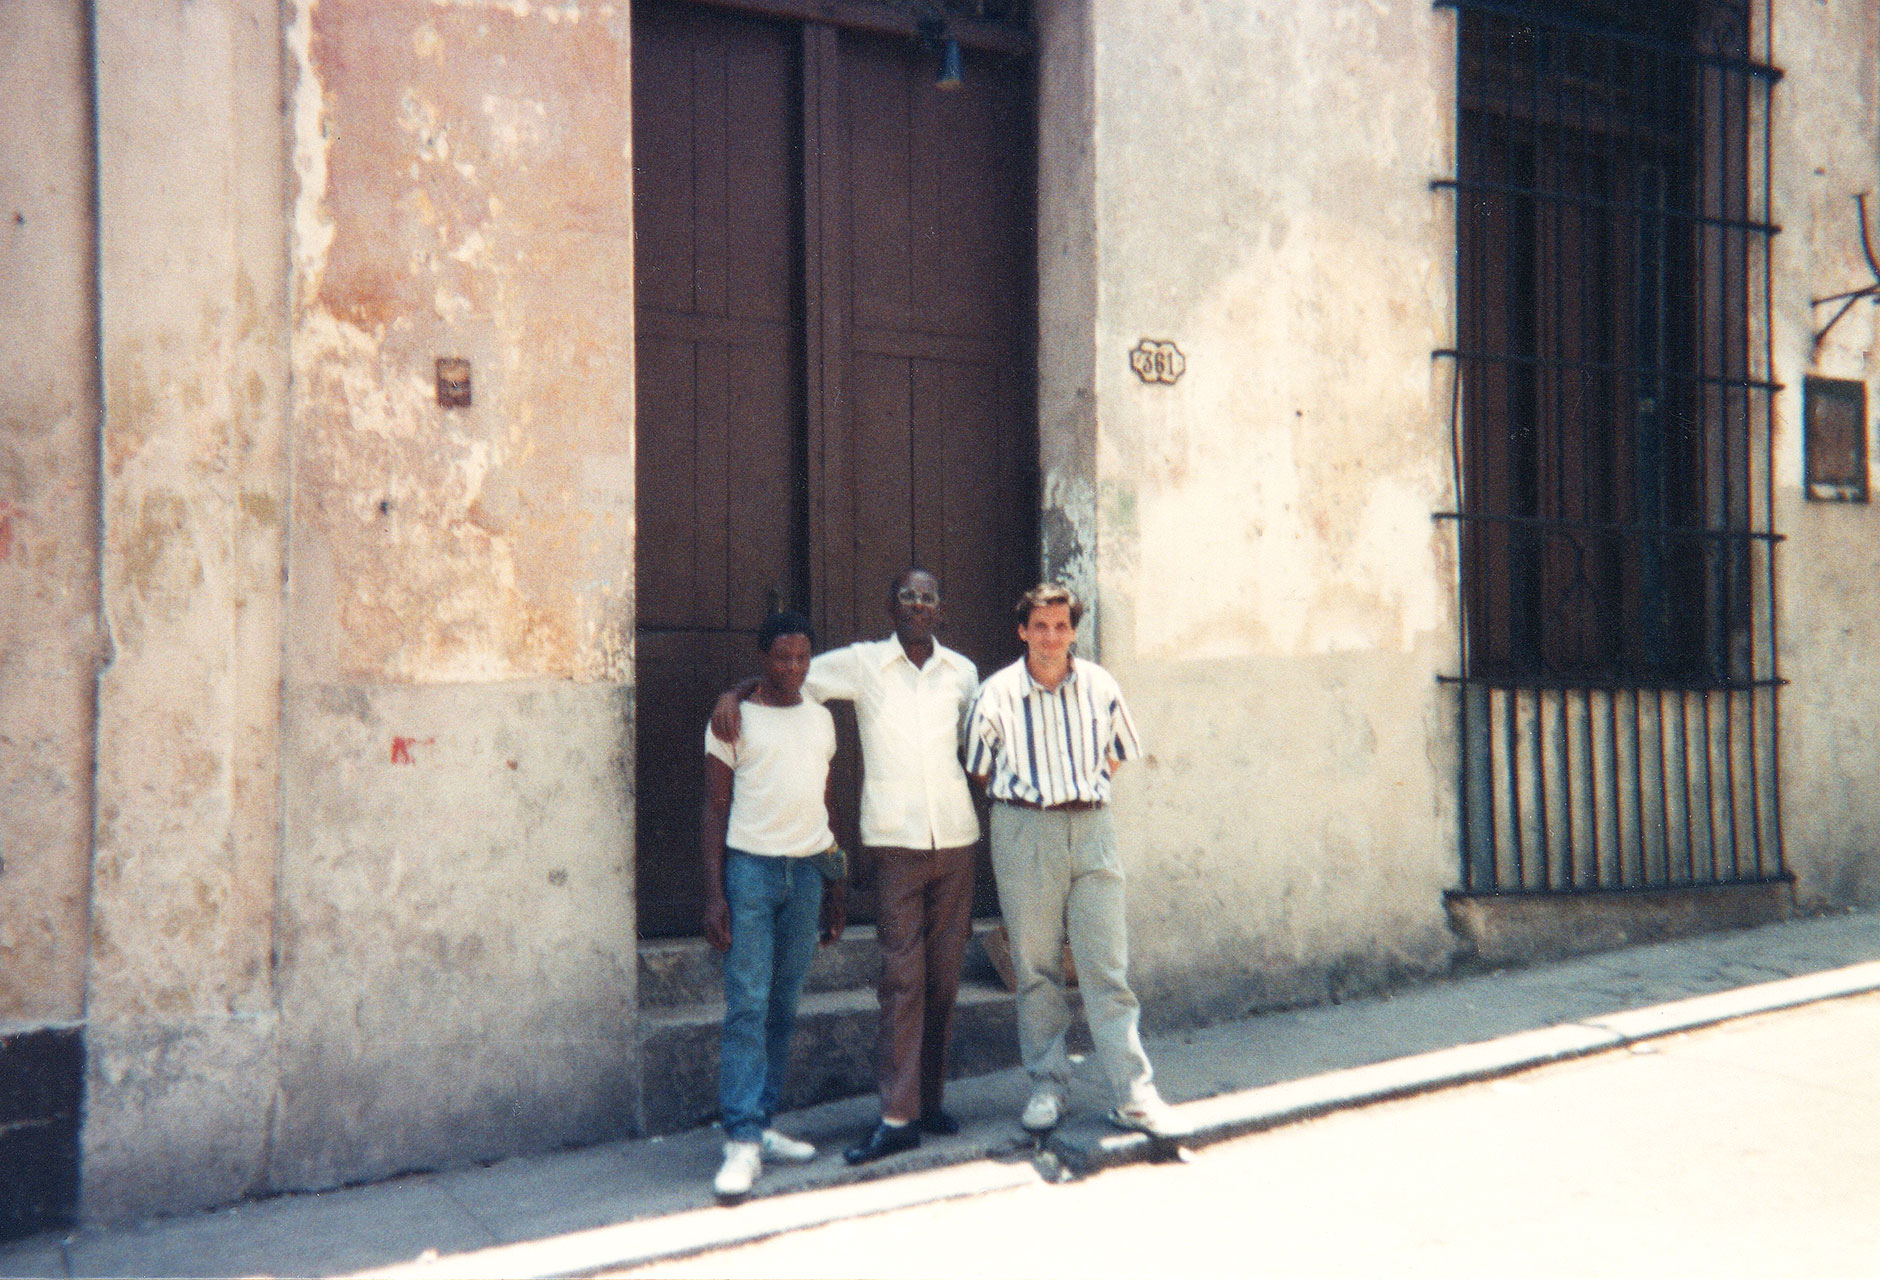 PERCUSSIONS AFROCUBAINES EN HÉRITAGE